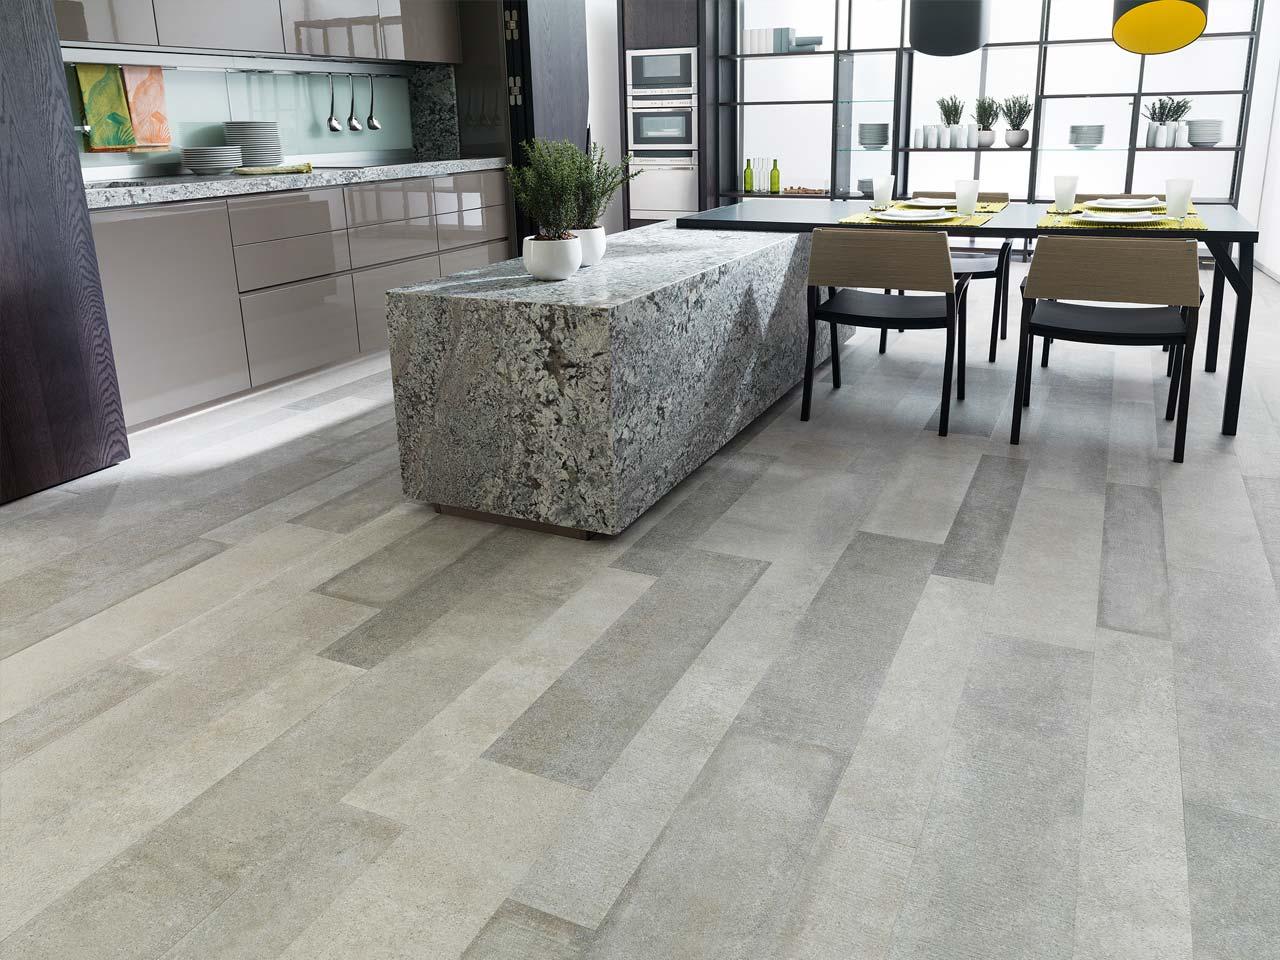 Pavimento effetto legno in gres porcellanato for Pavimento de cemento